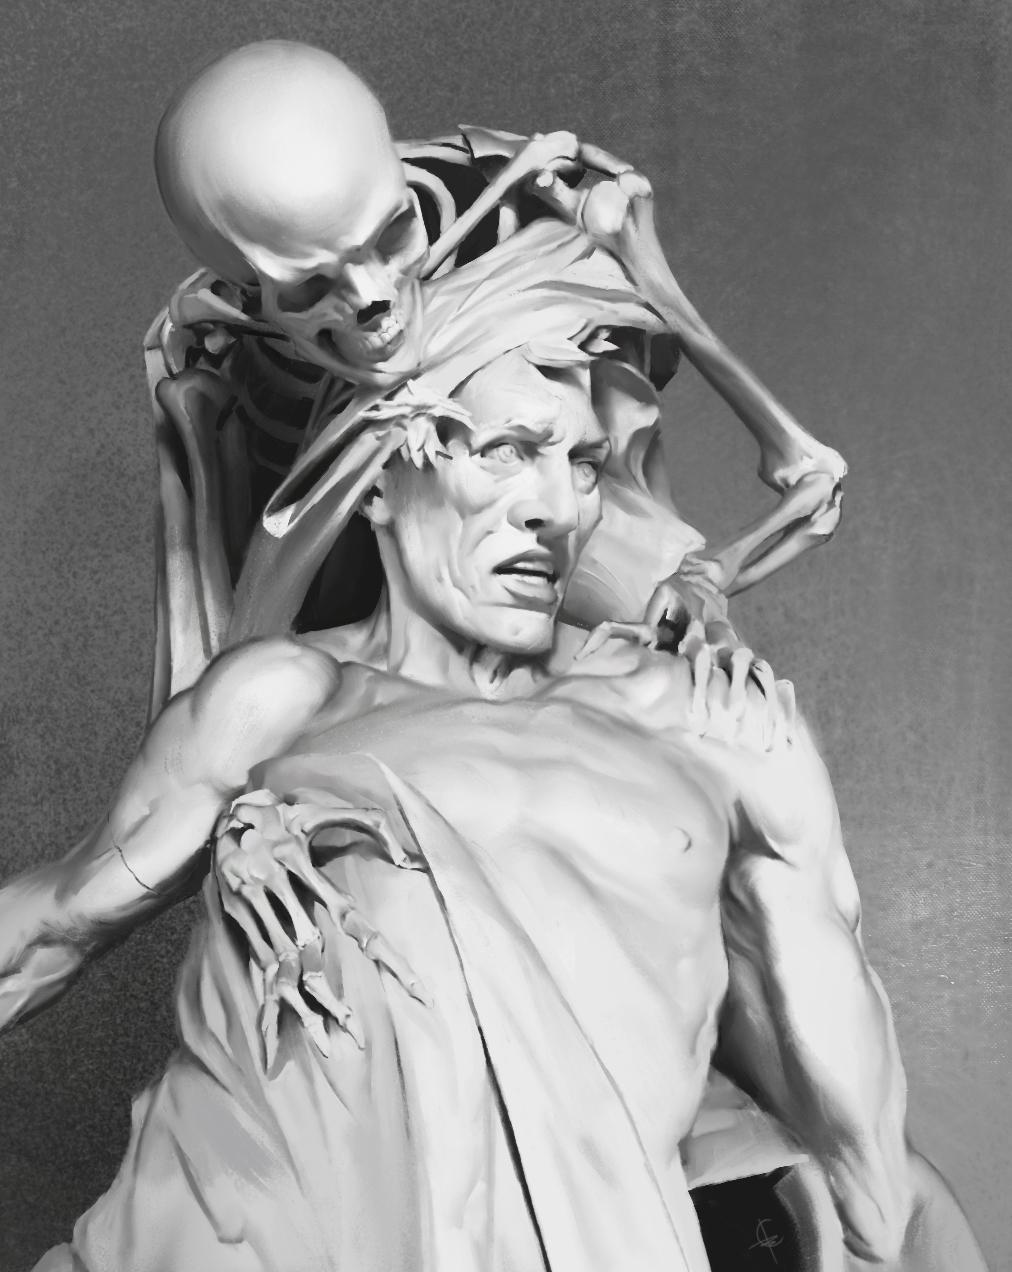 Etudes de Phosphene - Page 14 Statue03-53914d0